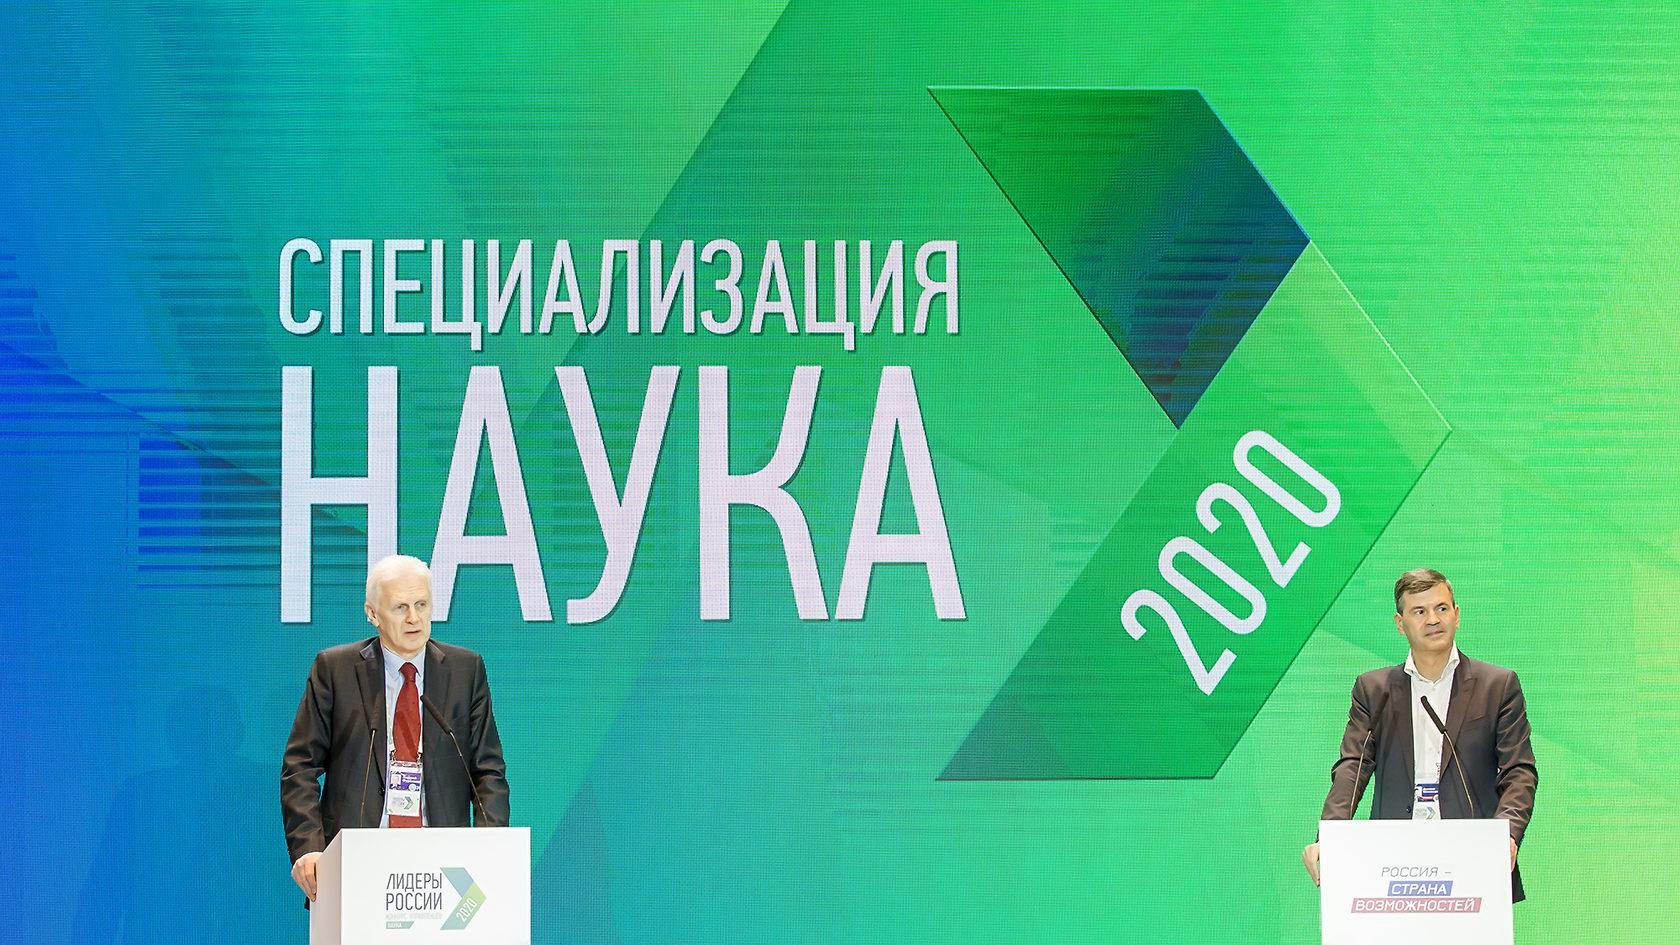 Тесты специализации наука конкурса Лидеры России